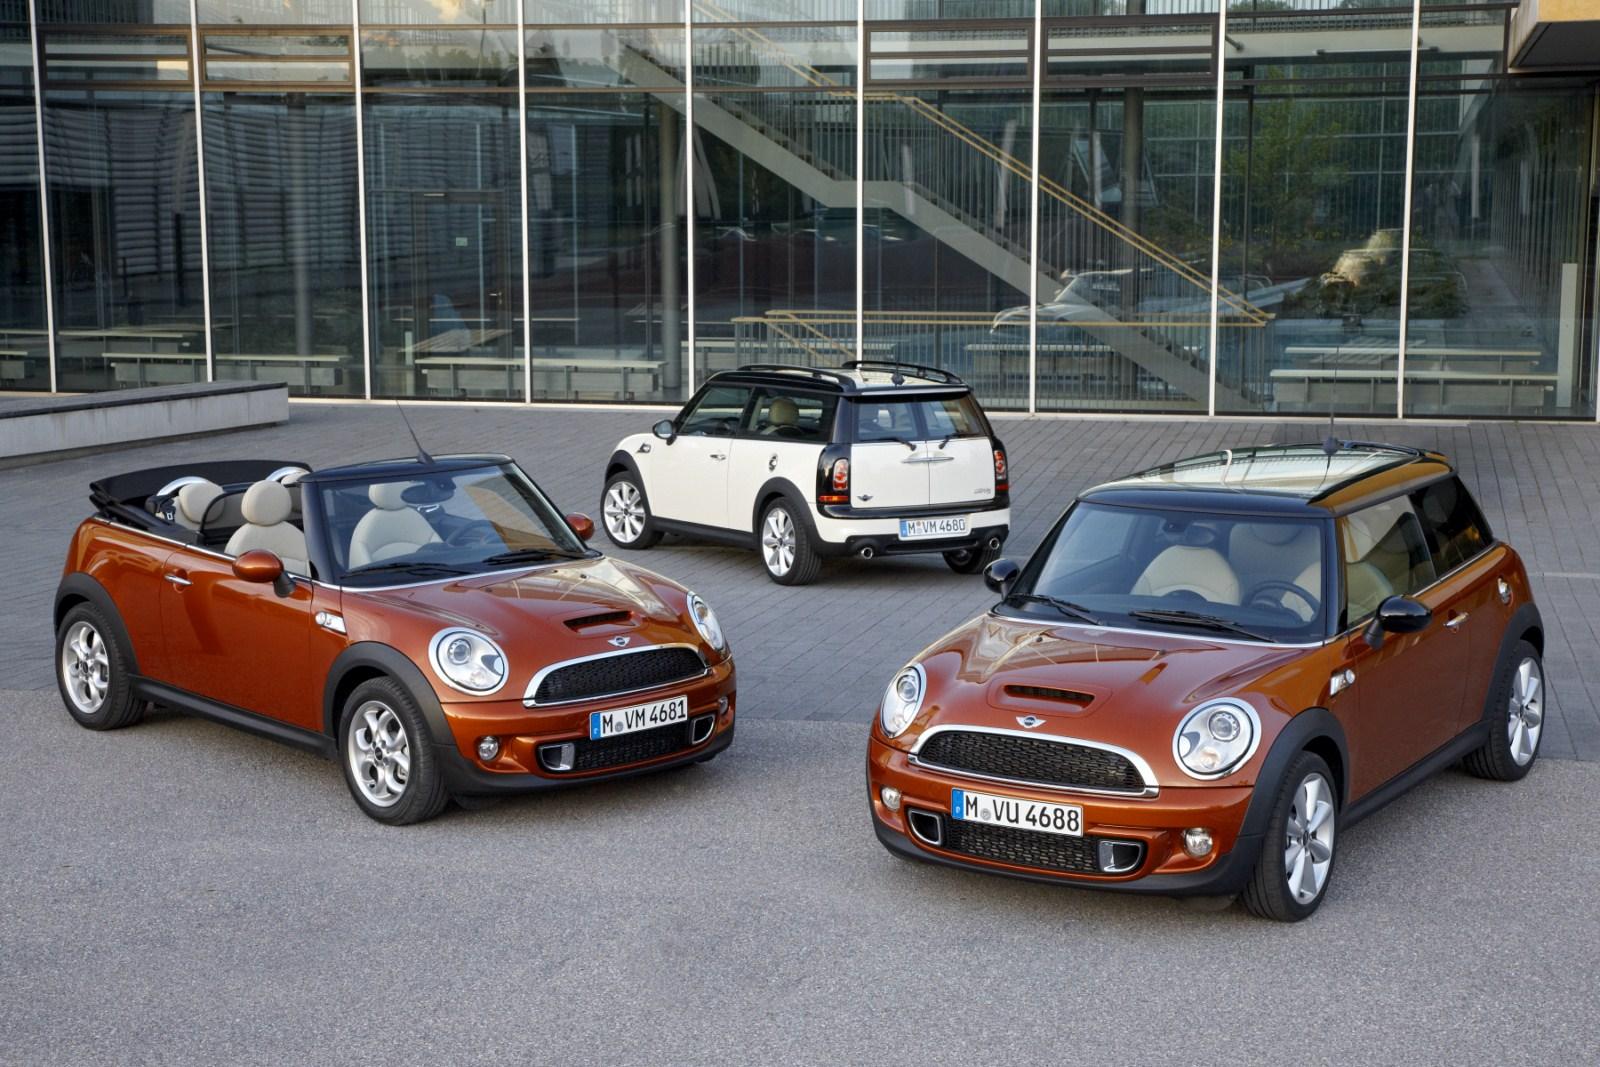 Offizielle Bilder Infos Zum Facelift Für Die Mini Familie R55